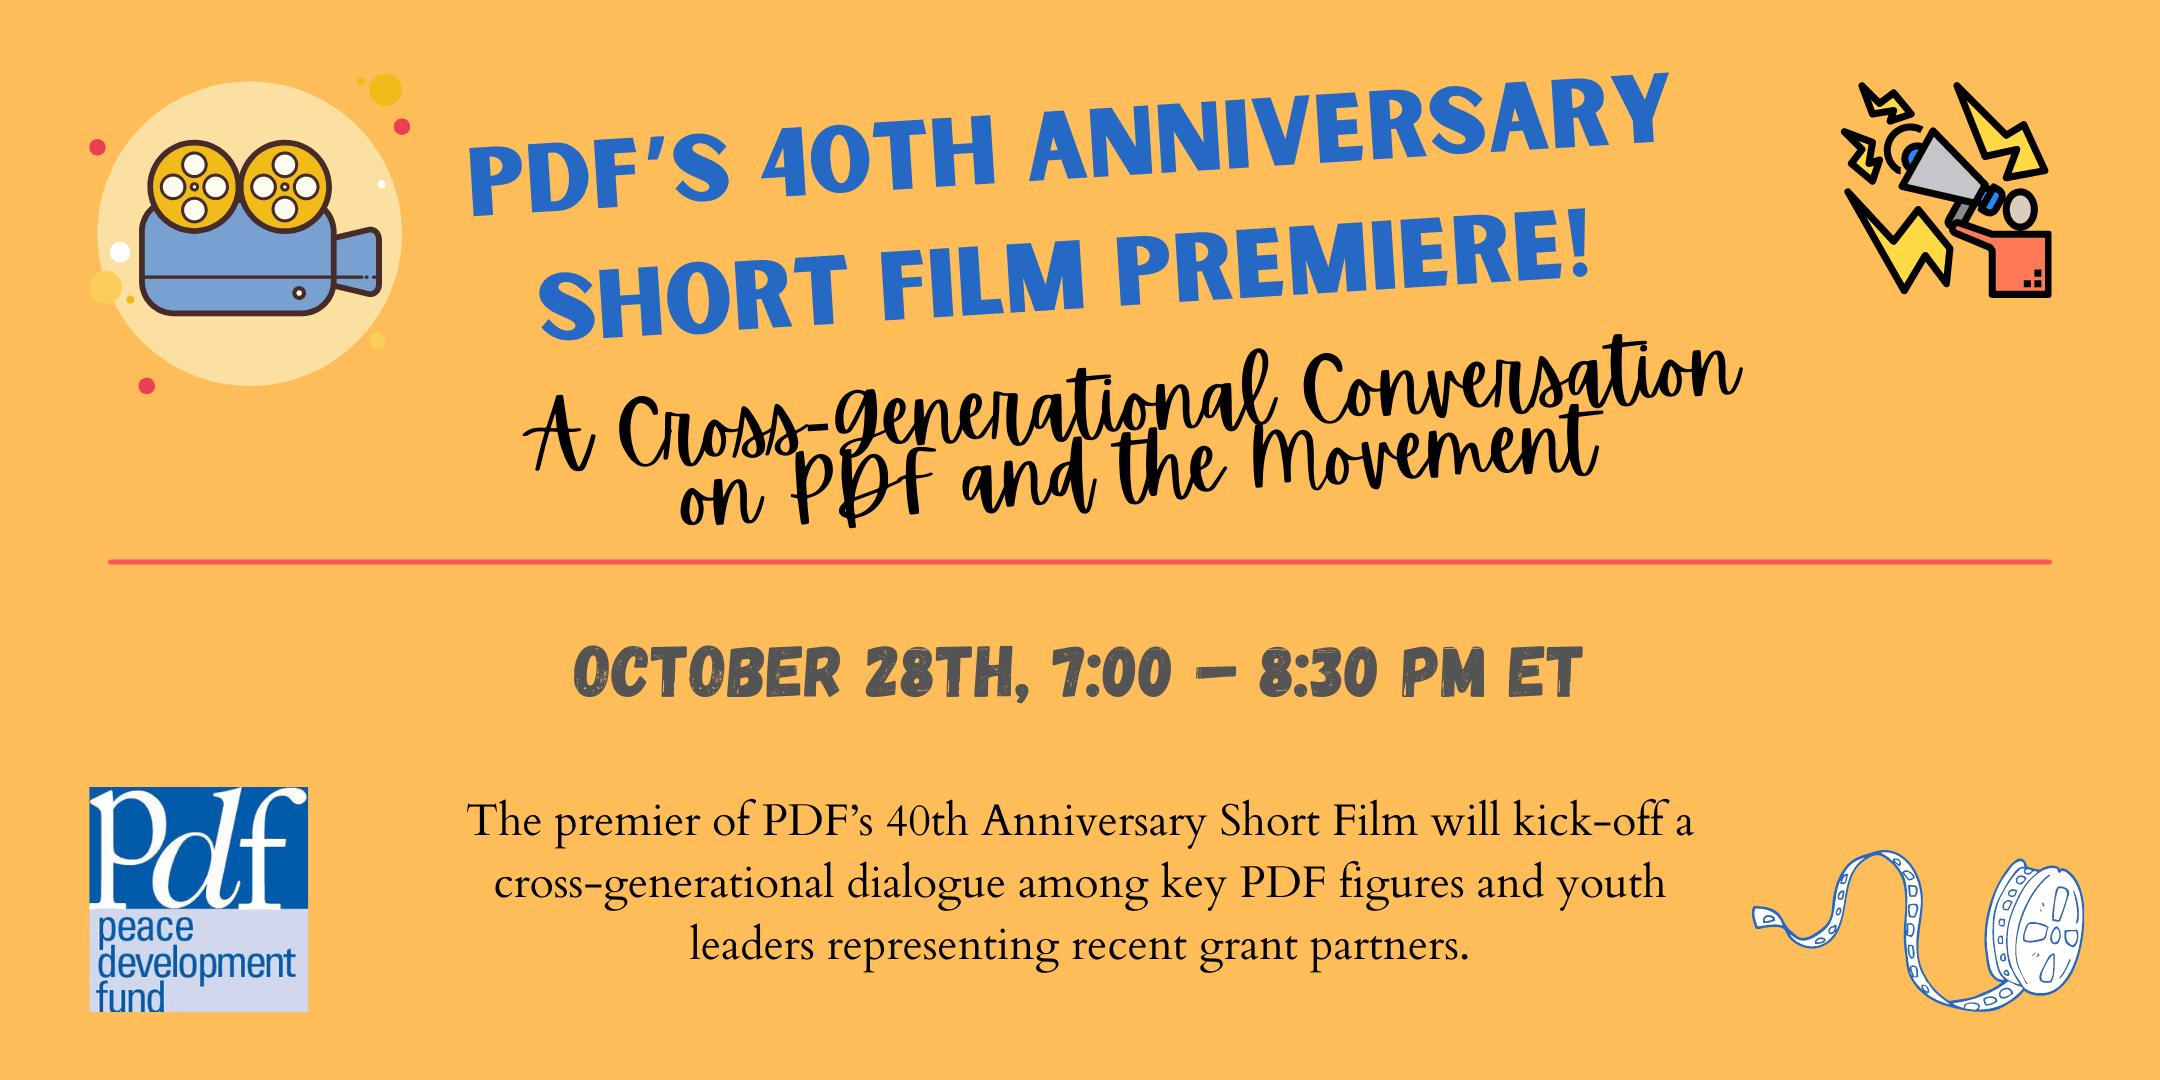 short film premiere